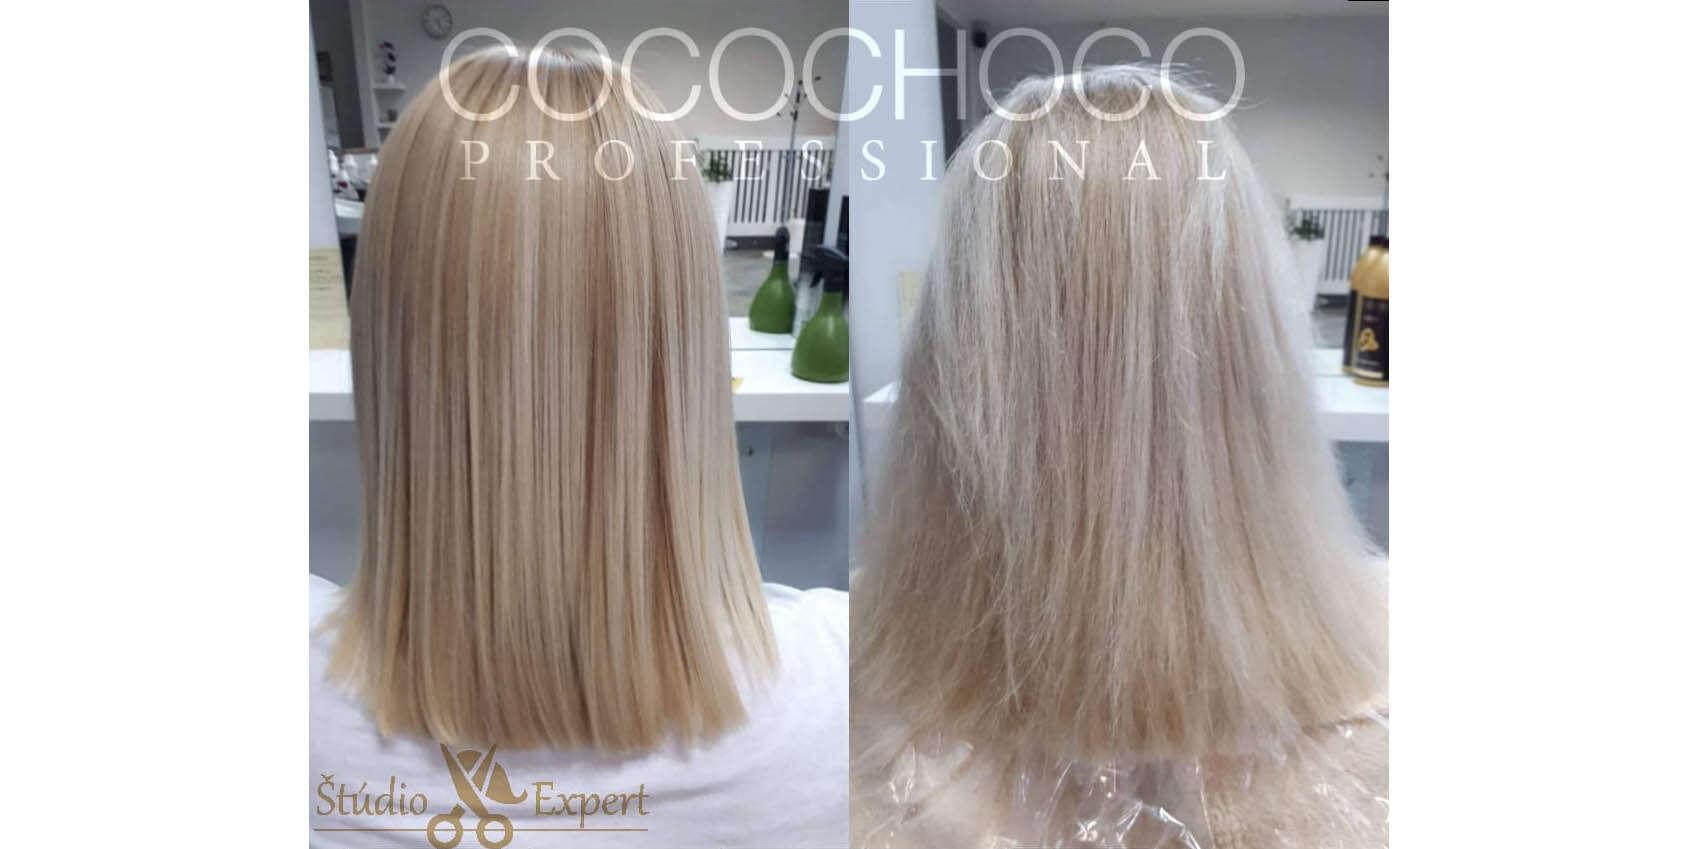 Brazílsky keratín Cocochoco – krásne, narovnané a ozdravené vl...